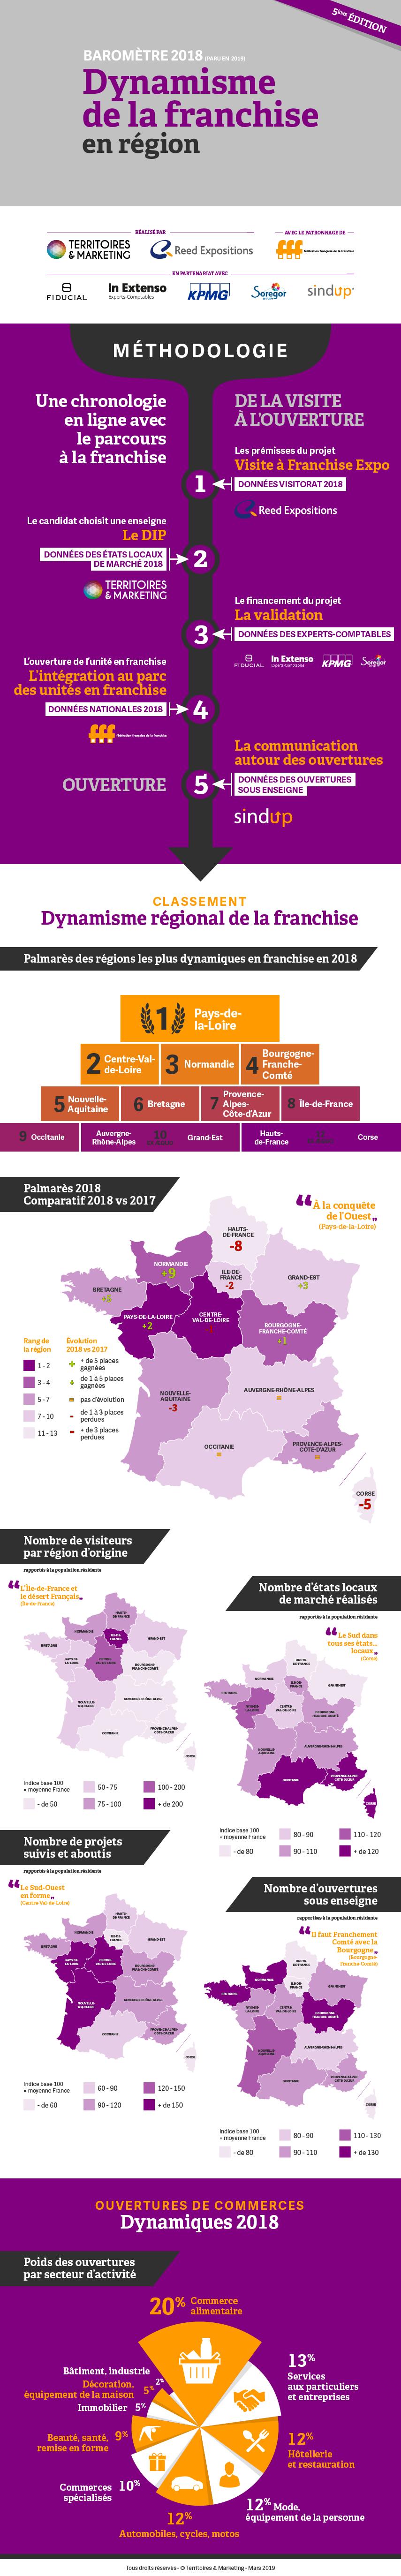 Infographie : Barometre 2018 du dynamisme de la franchise en région